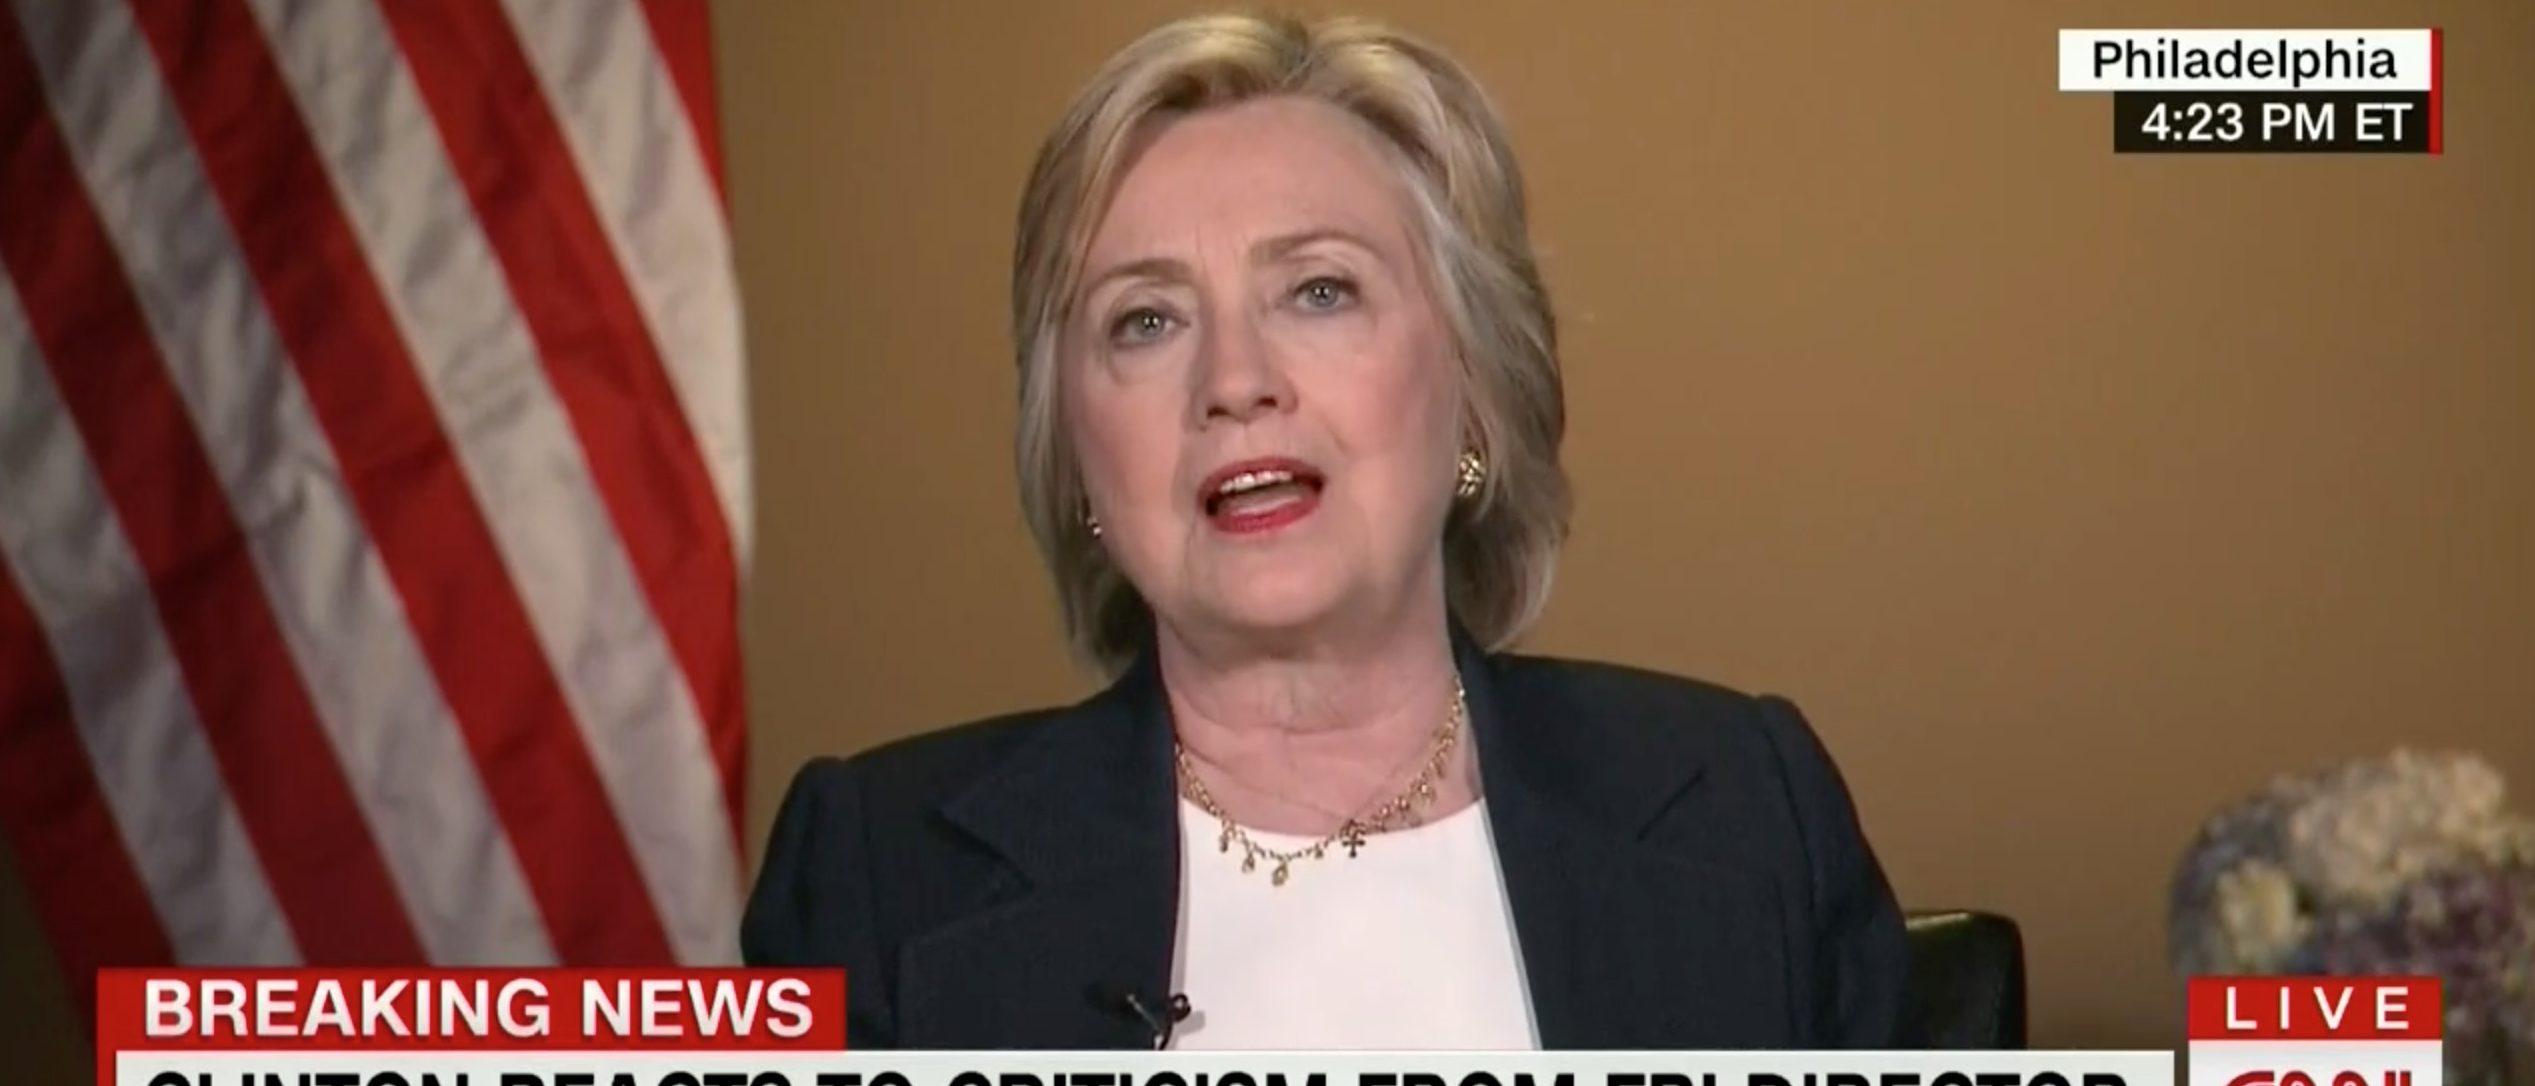 Hillary Clinton, Screen Grab CNN, 7-8-2016